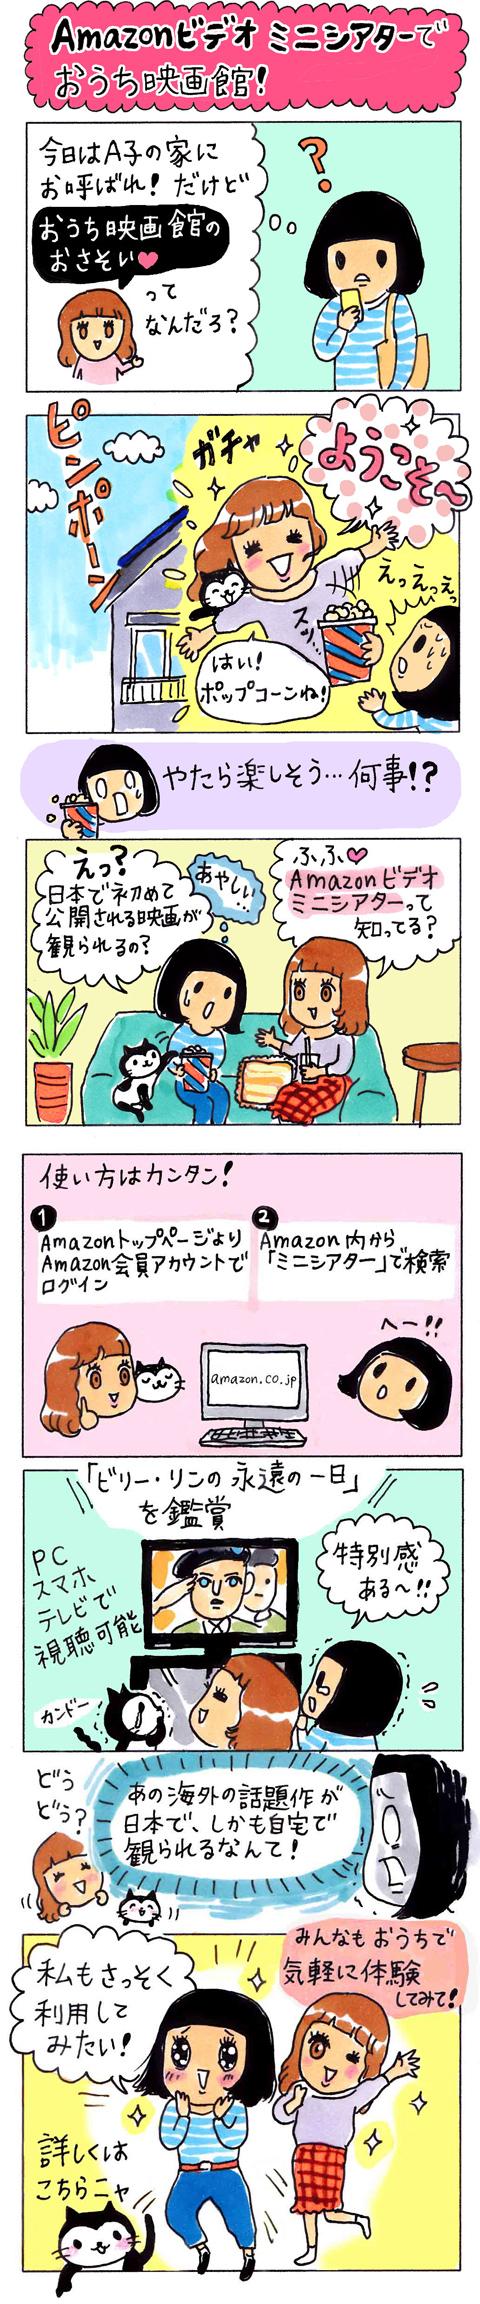 「Amazonビデオ ミニシアター」でおうち映画館!